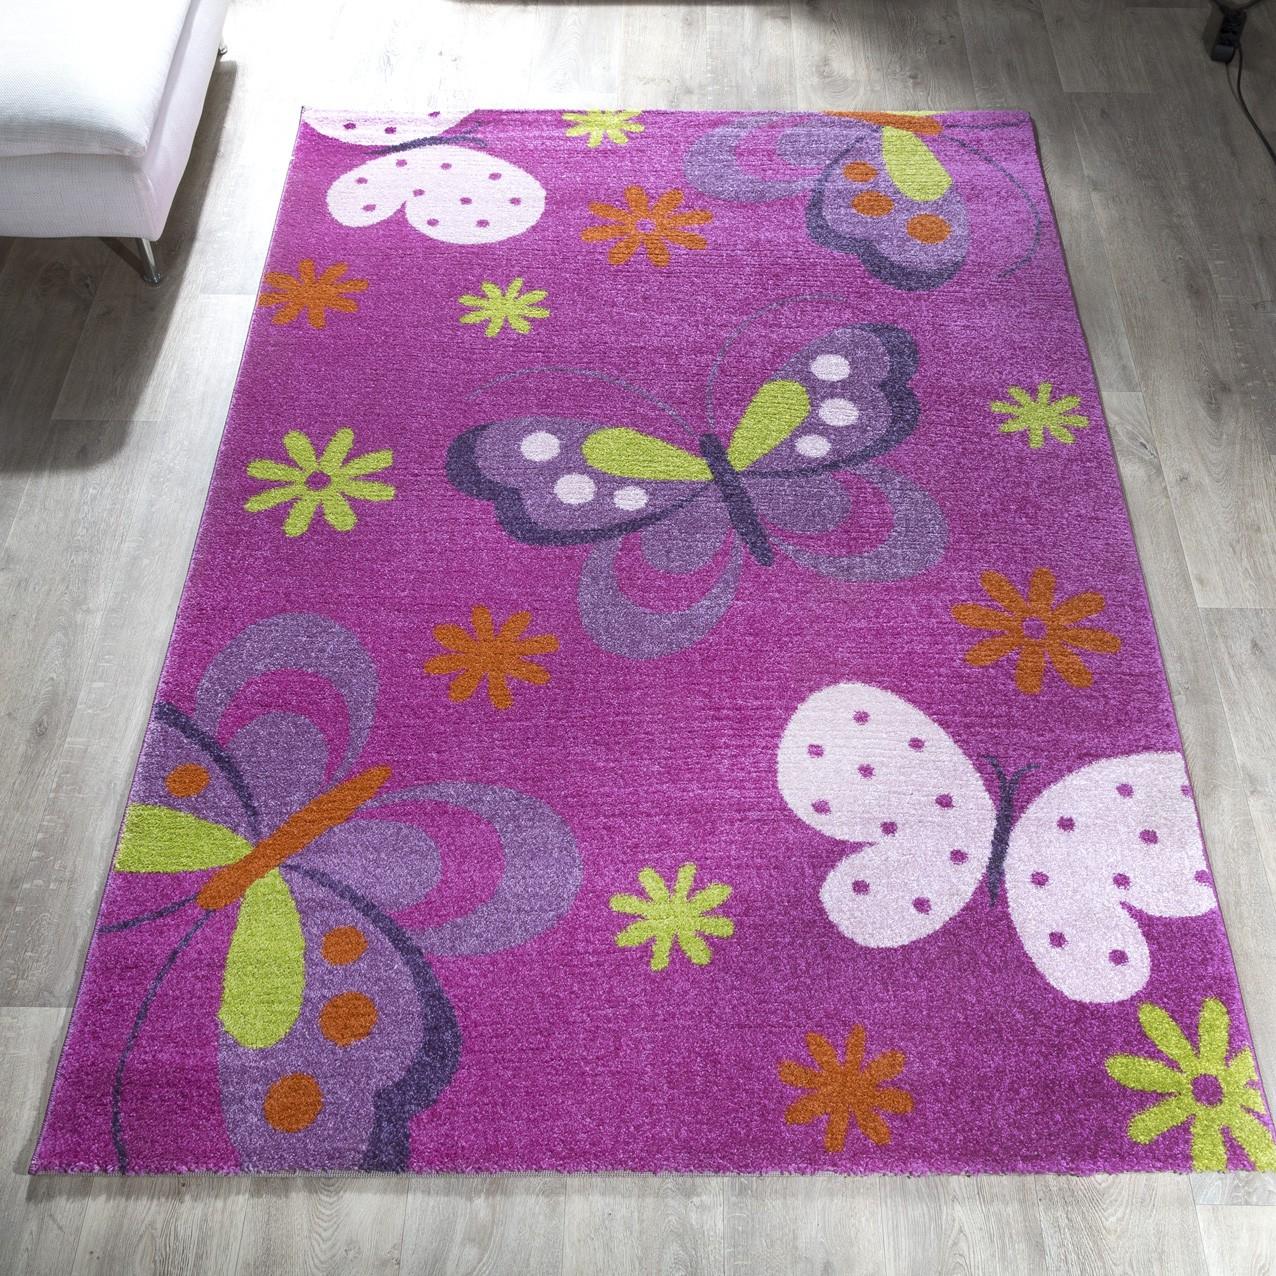 teppich kinderzimmer kinderteppich schmetterling muster pink lila ausverkauf kinderteppich. Black Bedroom Furniture Sets. Home Design Ideas